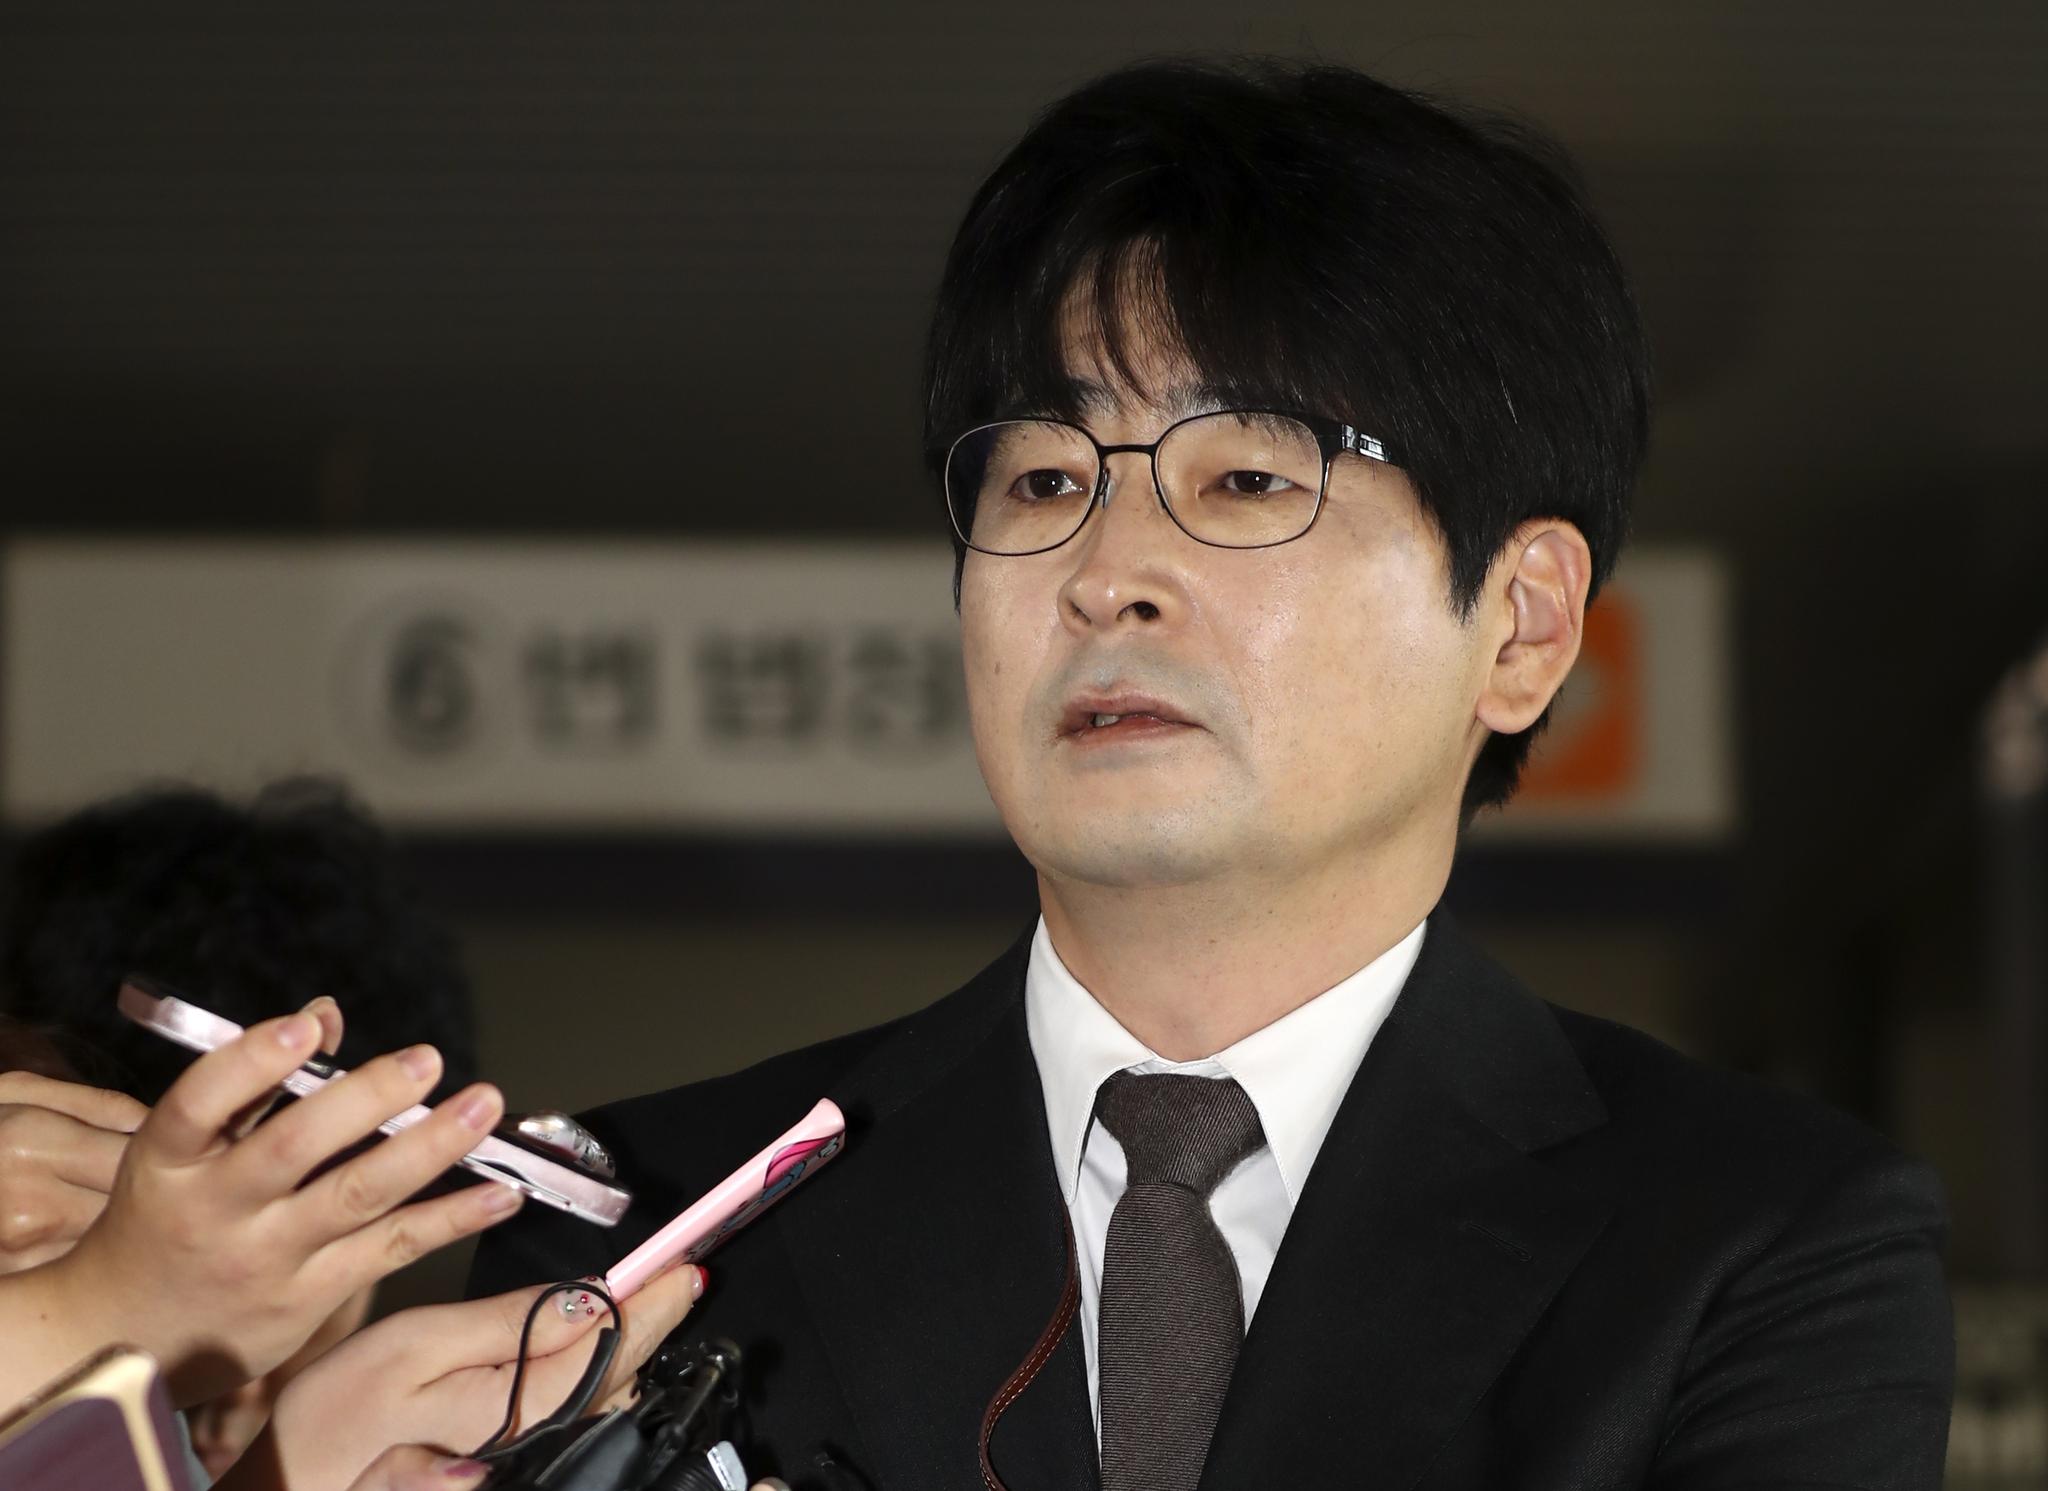 탁현민 청와대 행정관. [연합뉴스]